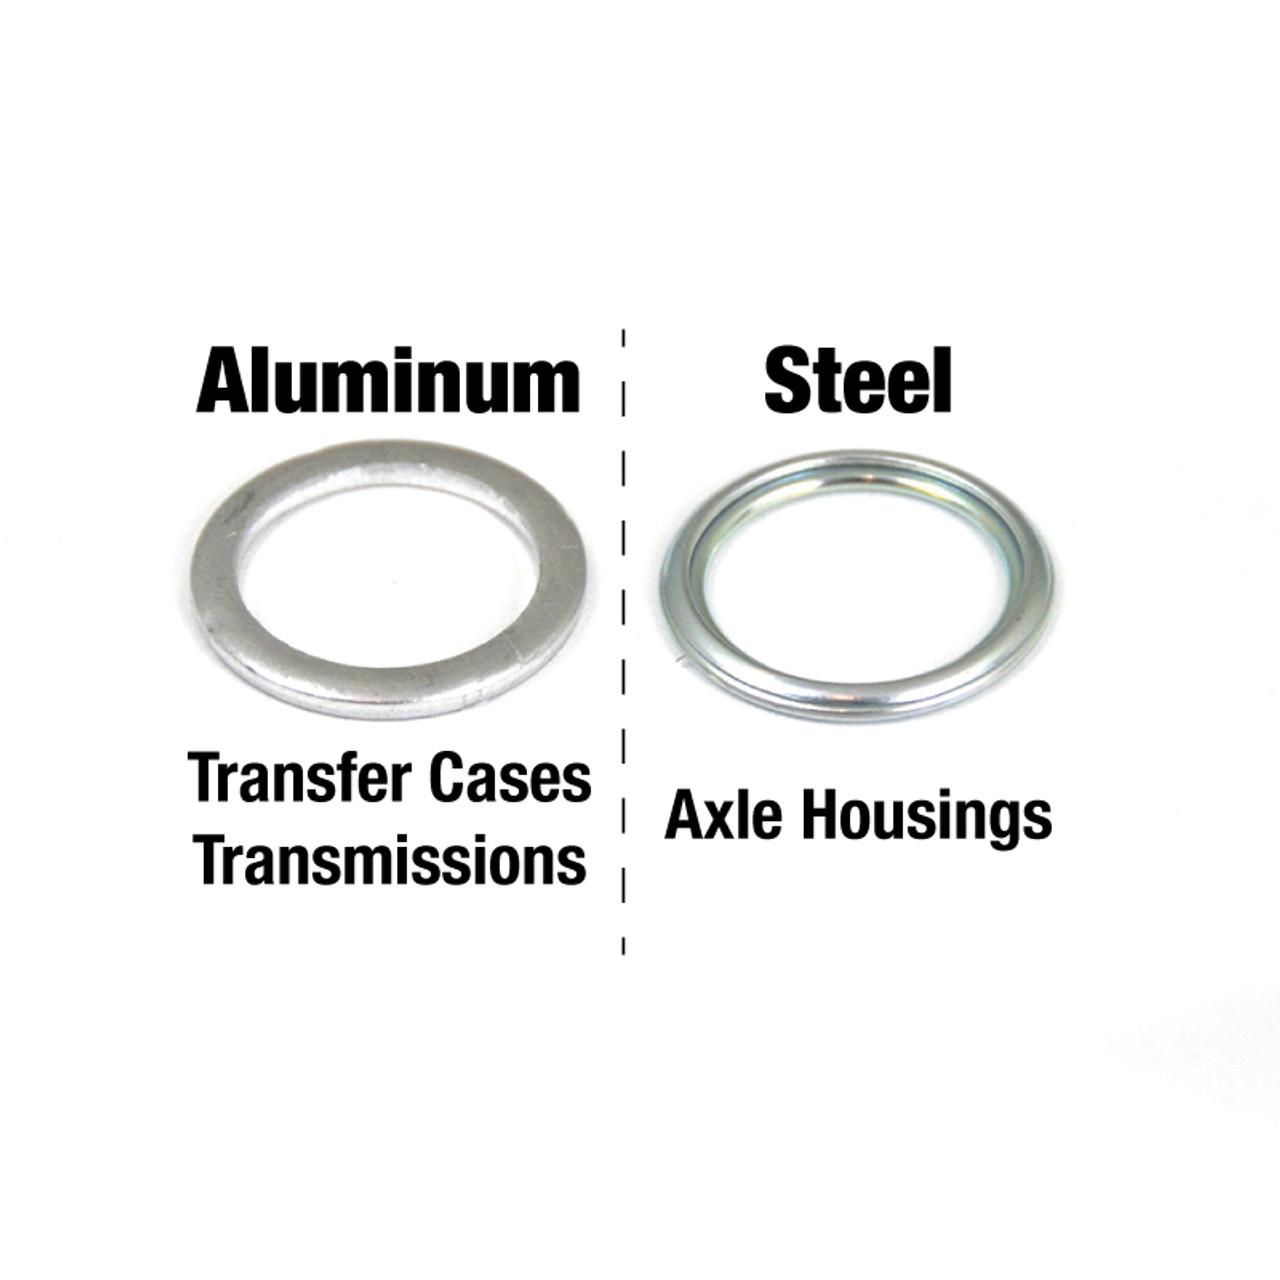 Aluminum vs Steel crush washers